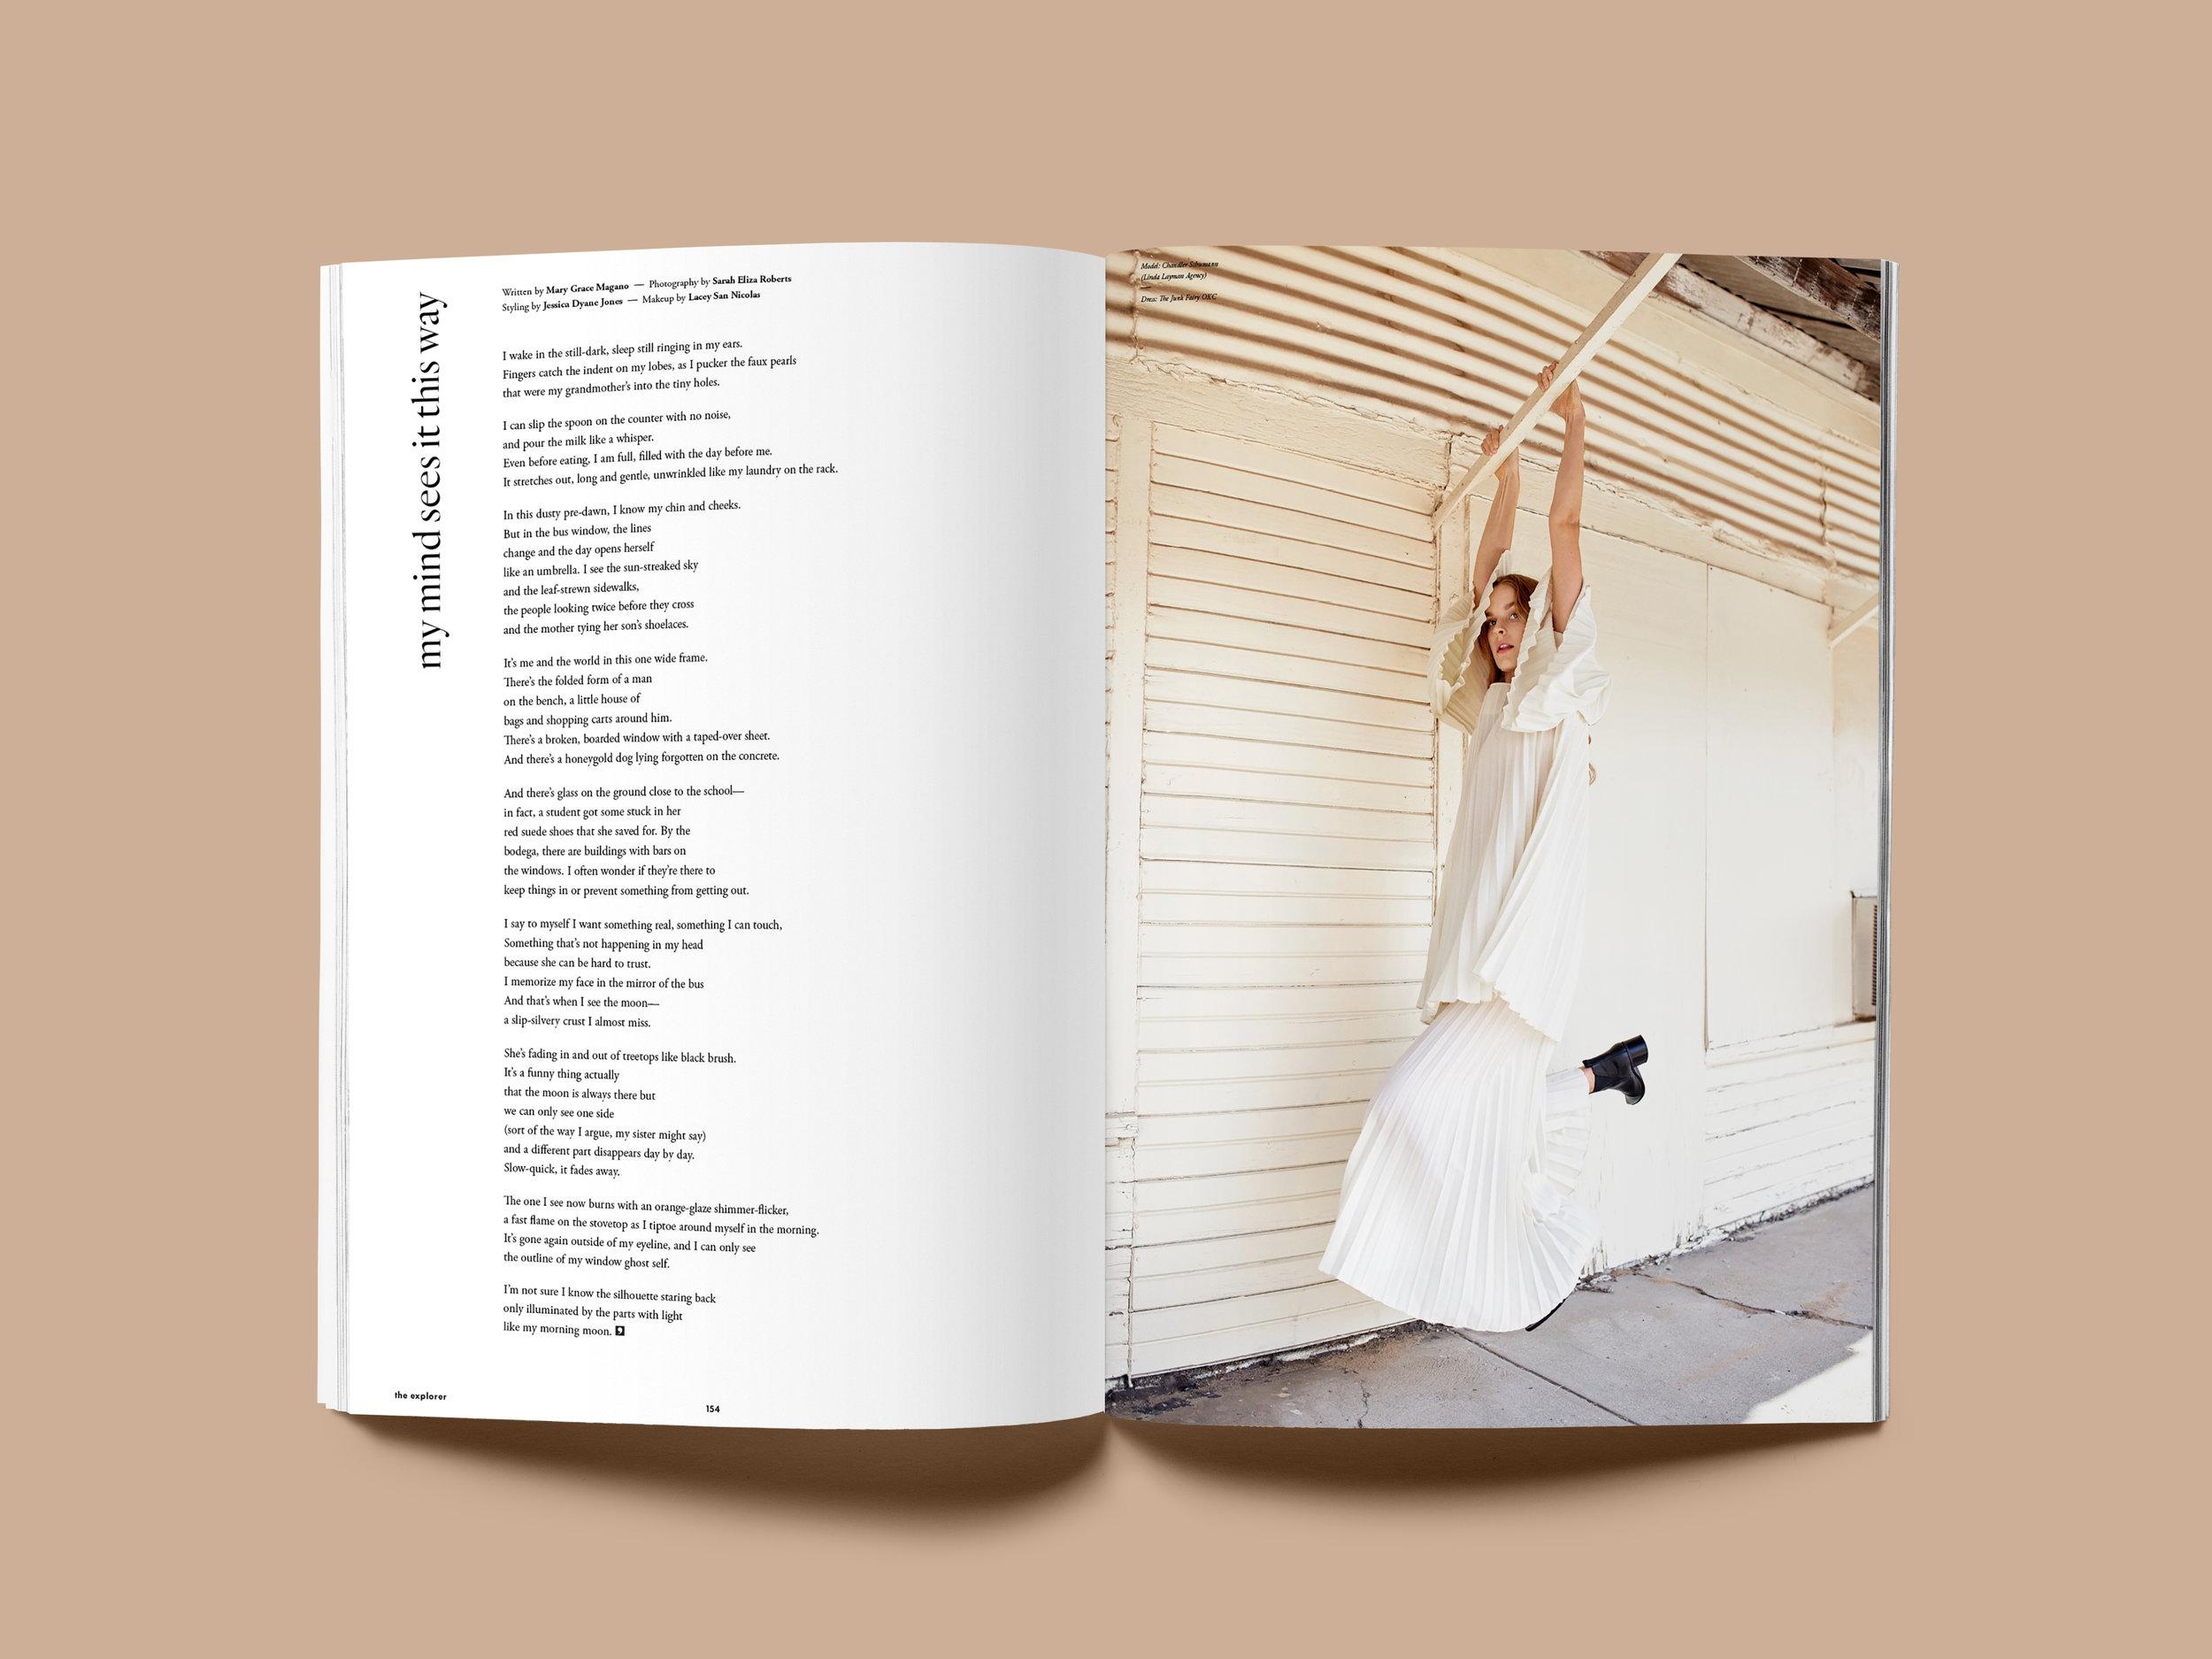 Darling23-Poem.jpg